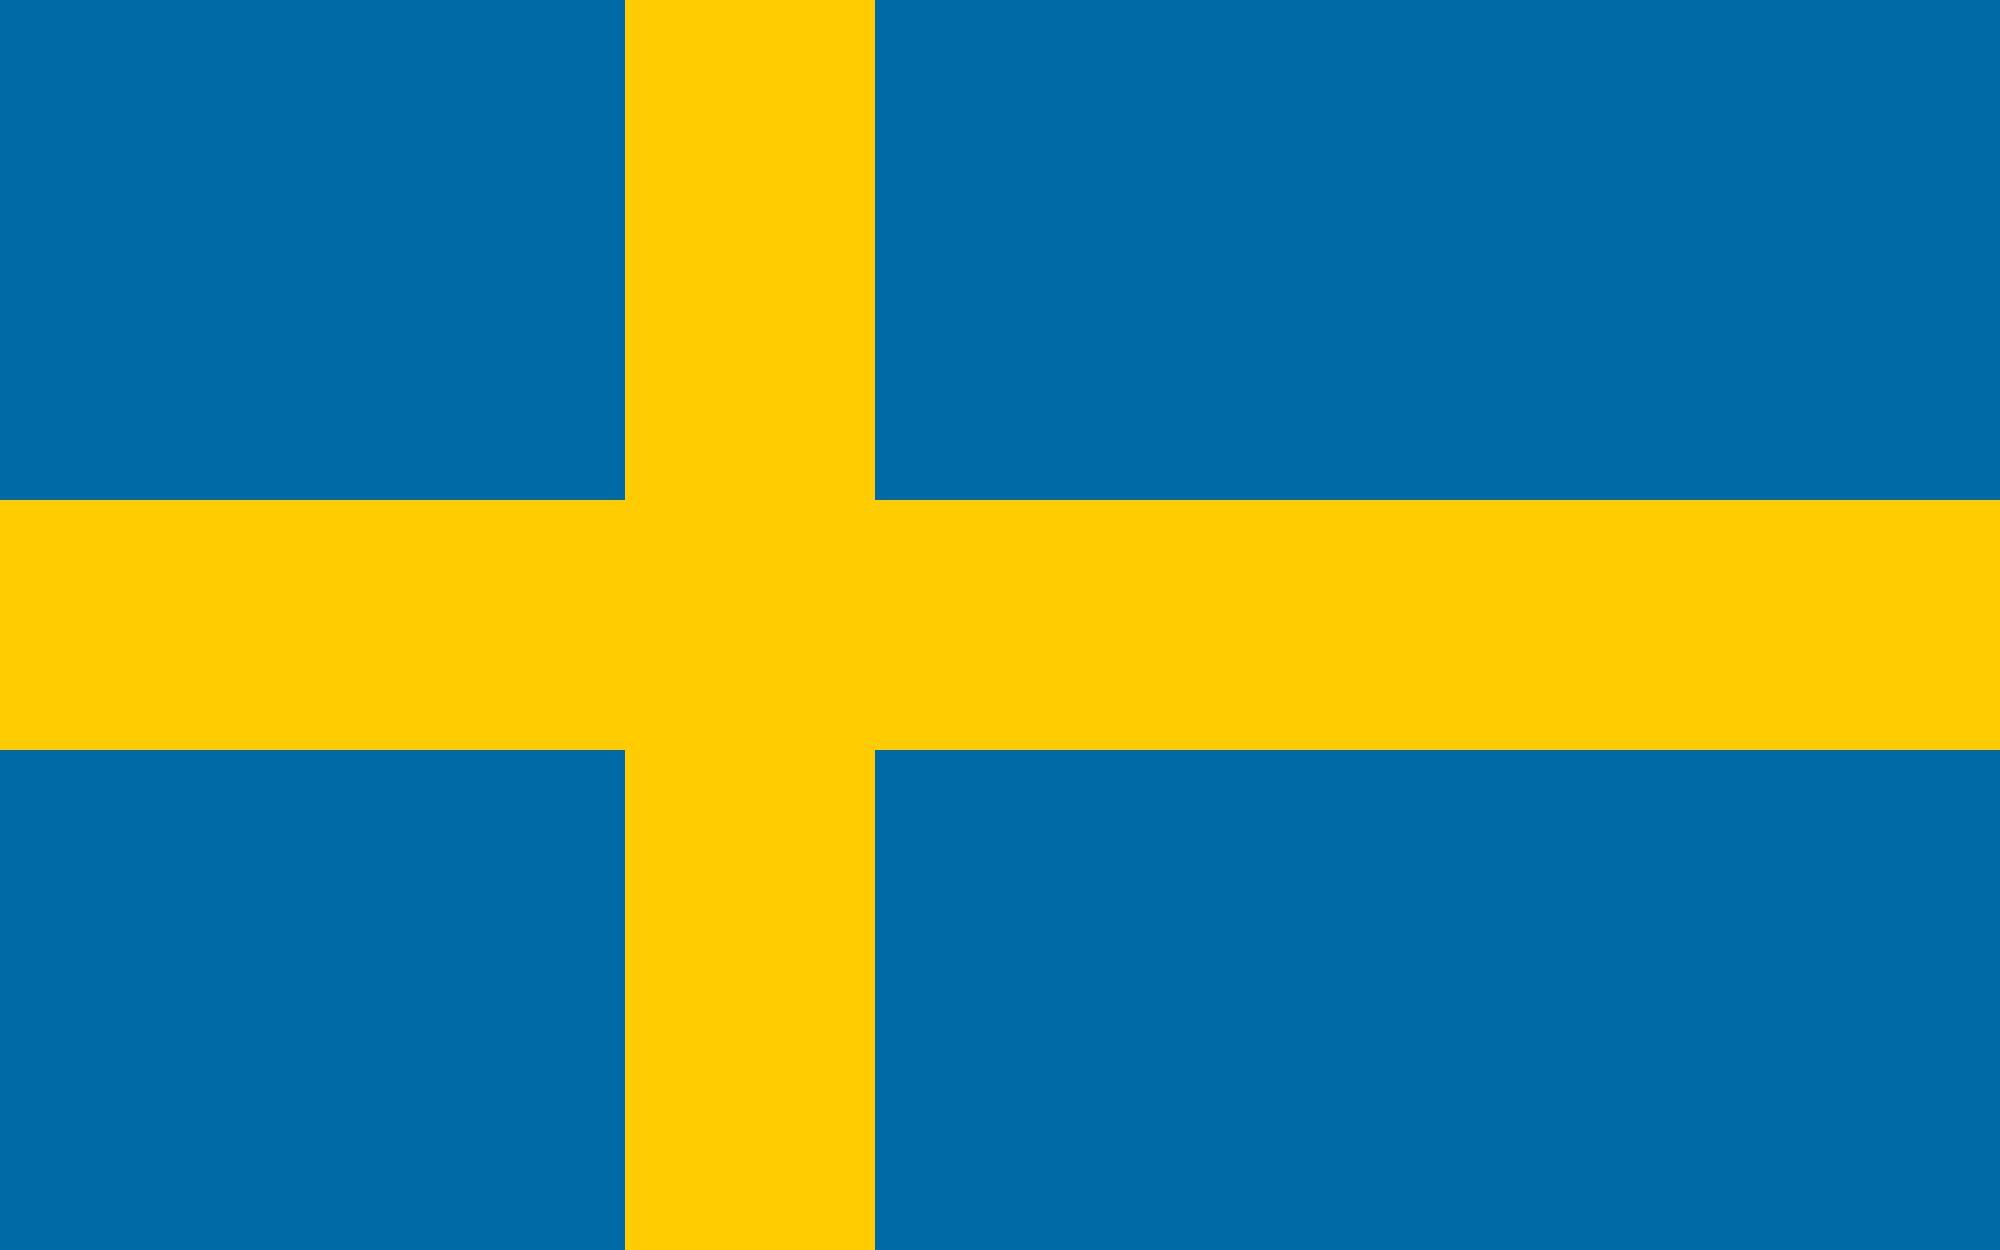 Elezioni in Svezia, avanza anti-Ue, Socialdemocratici al 28%. Rebus governo